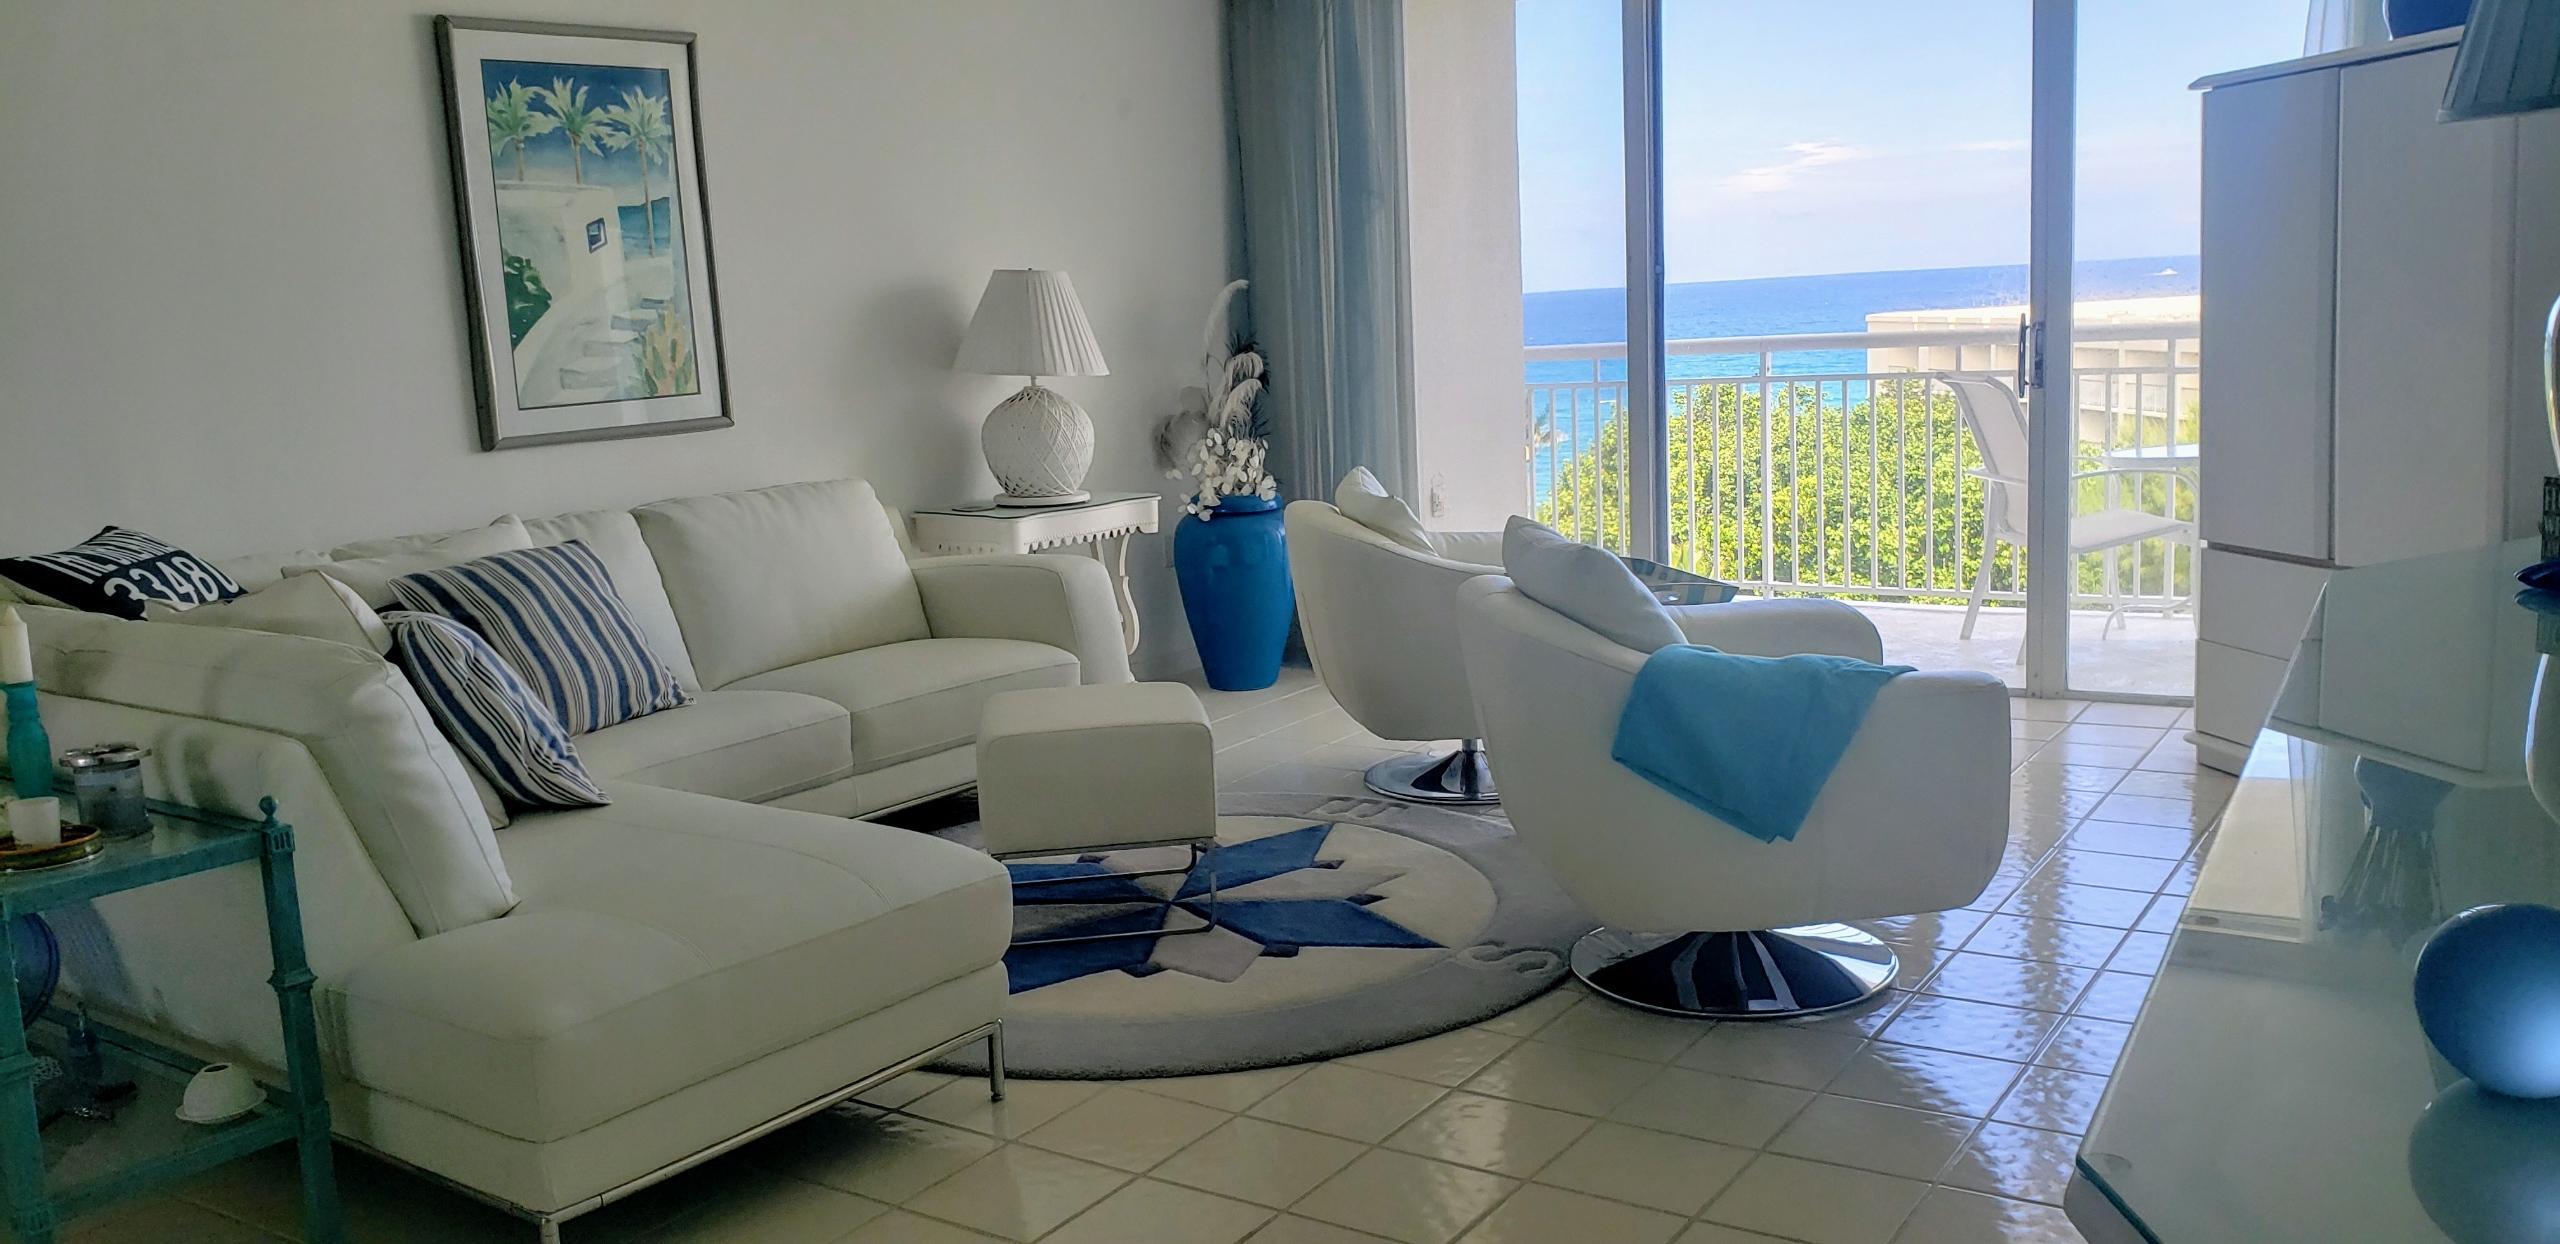 2780 S Ocean Boulevard #711 - 33480 - FL - Palm Beach